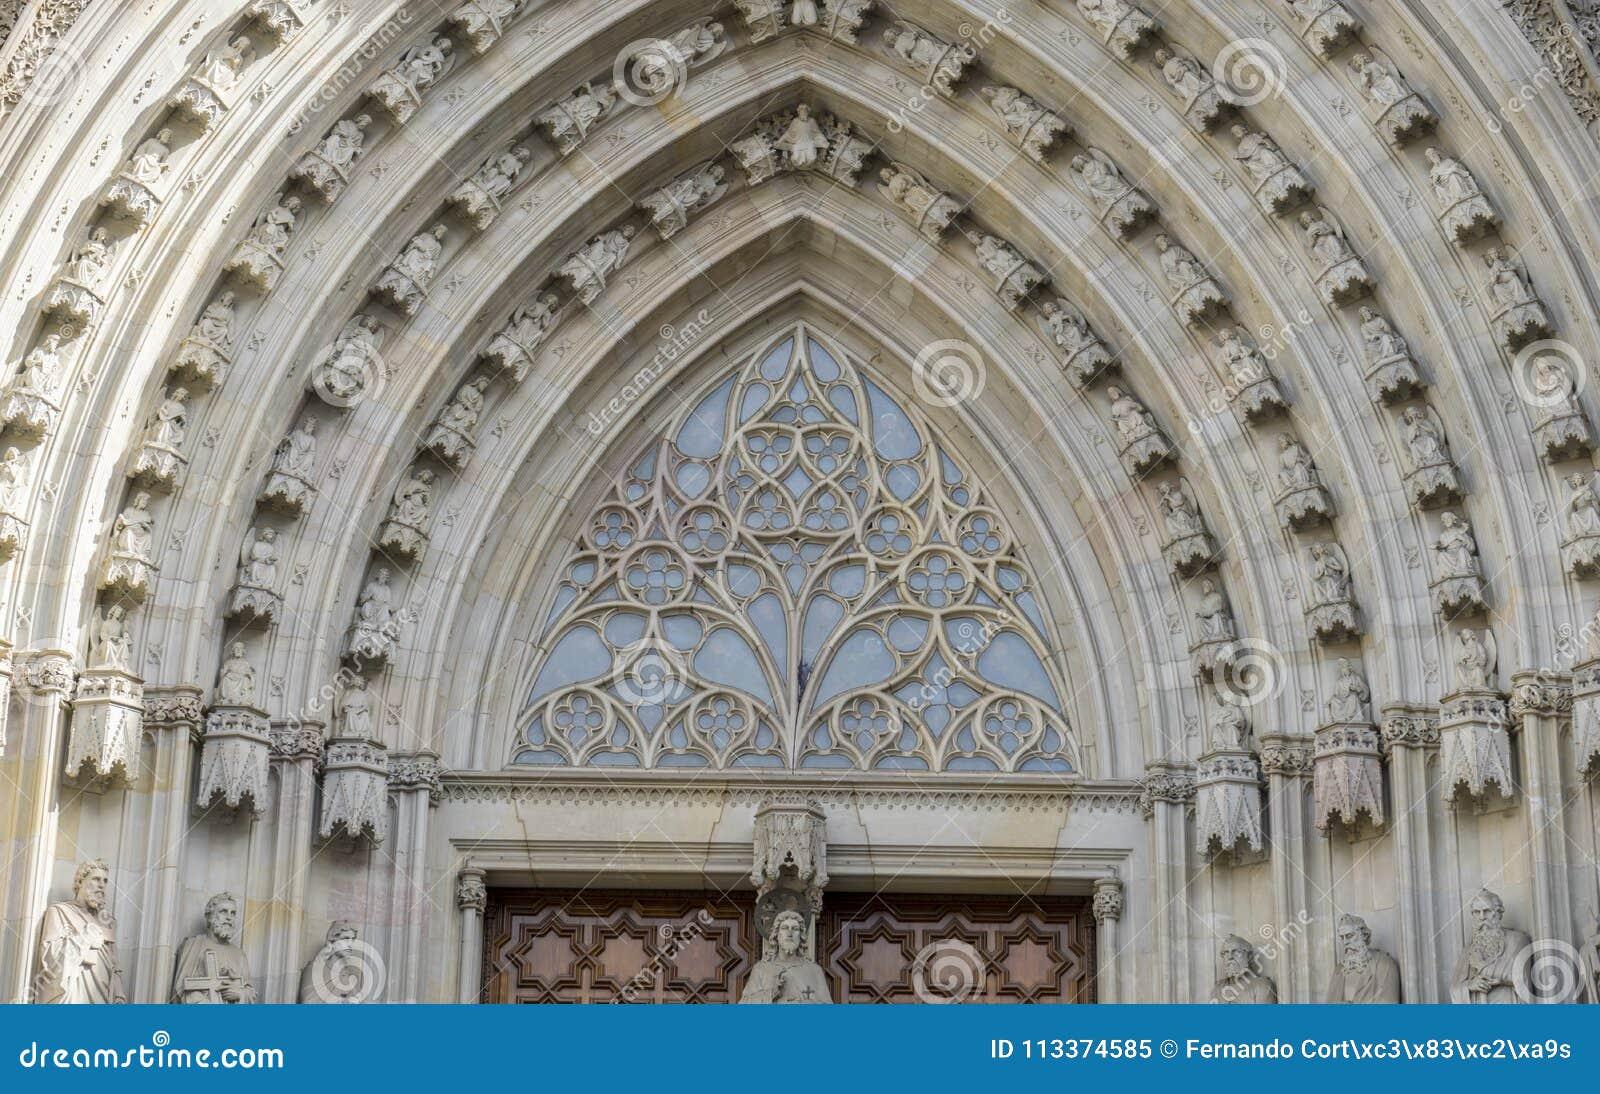 Главный вход, готический католический фасад Барселона Каталония собора